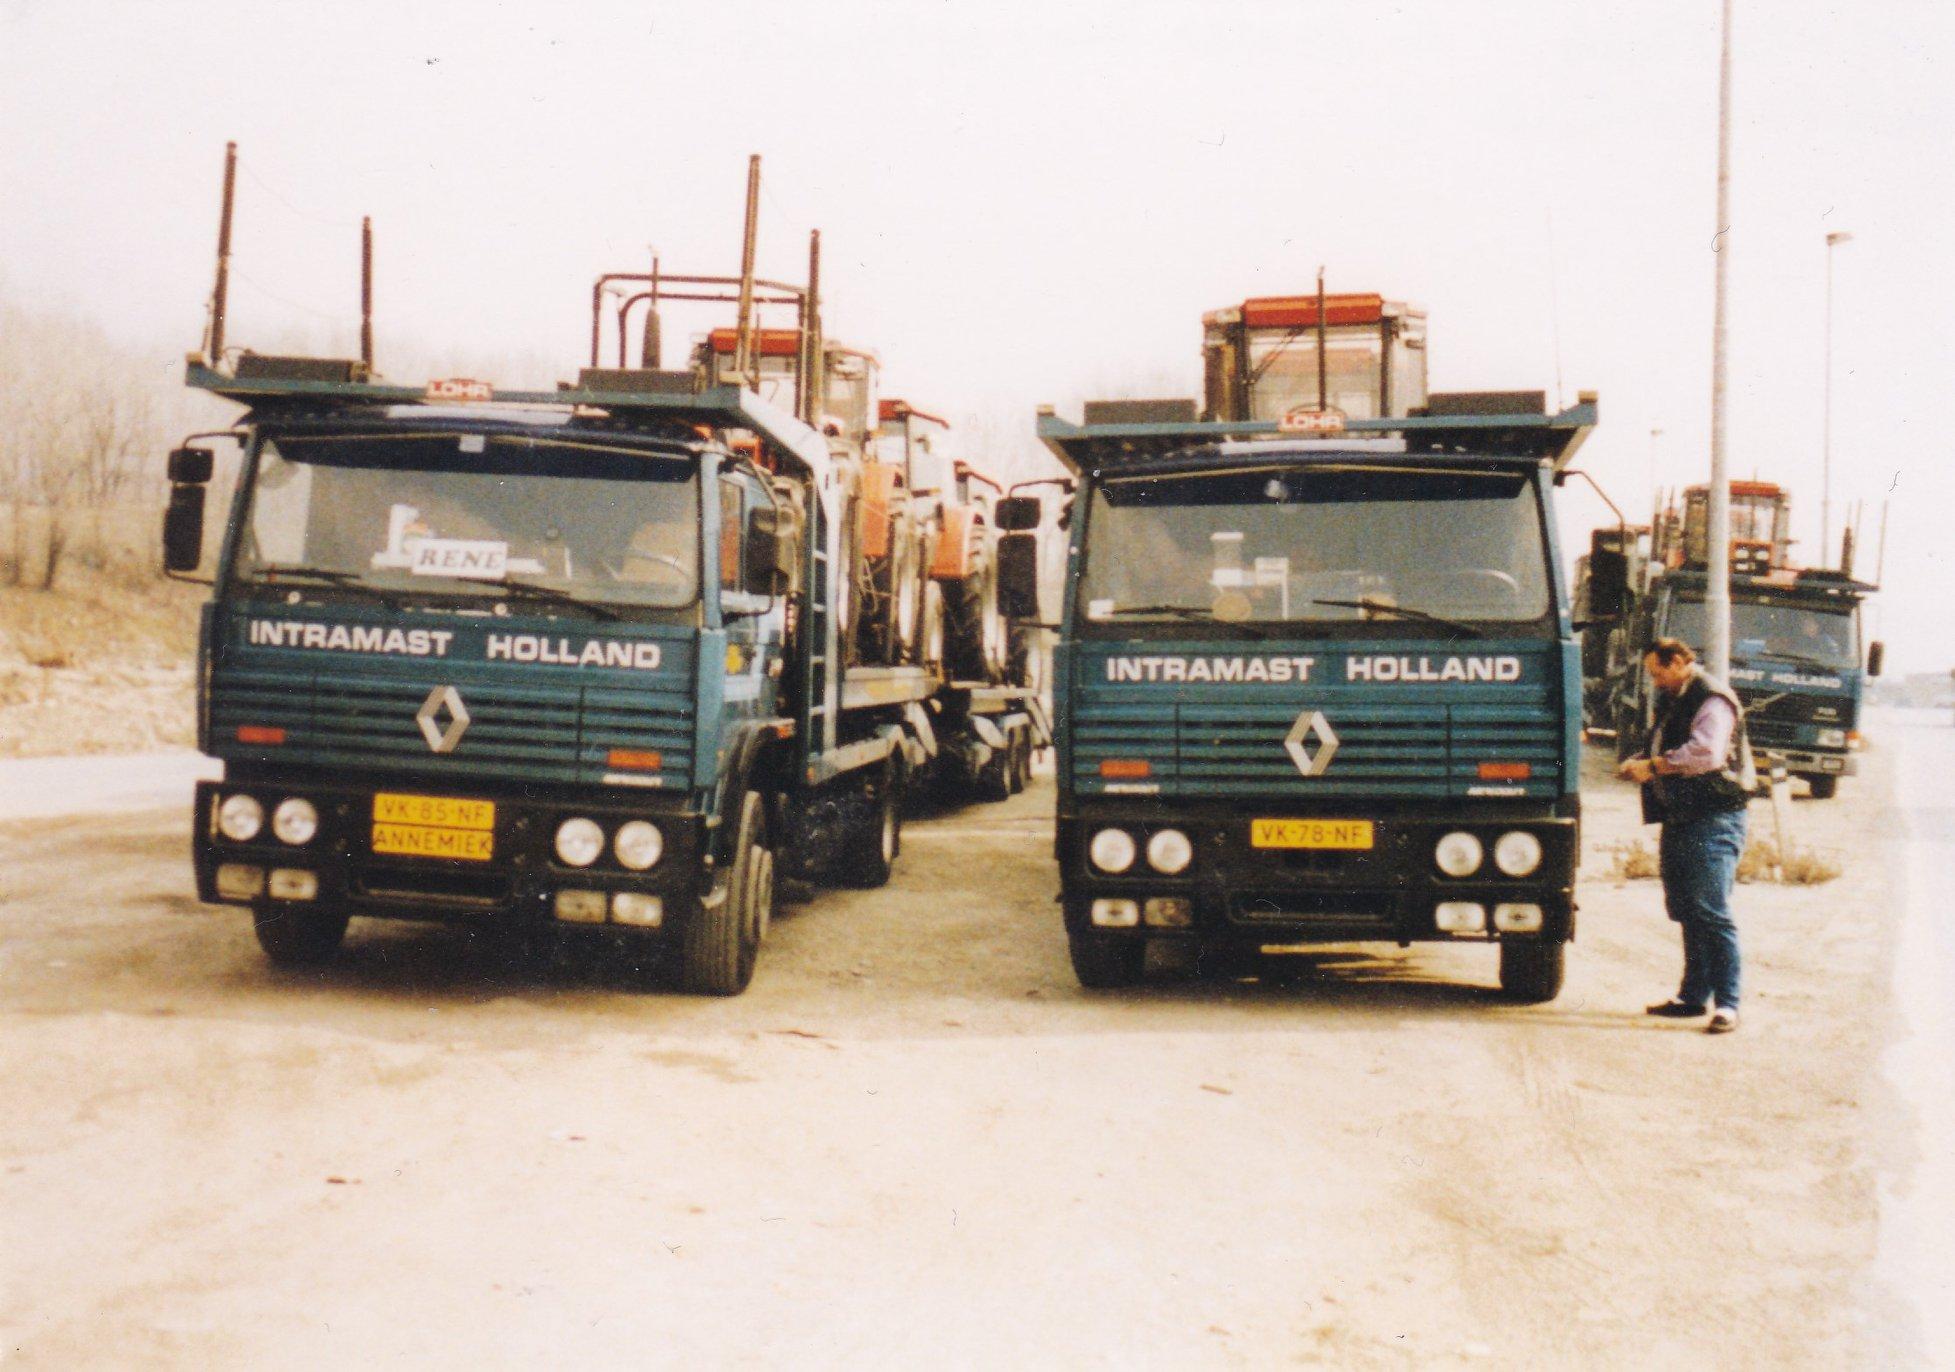 3x-Intramast-l-Renault-VK-85-NF-Rene-Machielsen-r-Renault-VK-78-NF-Koos-van-Mook-r-a--Volvo-Jack-de-Munck